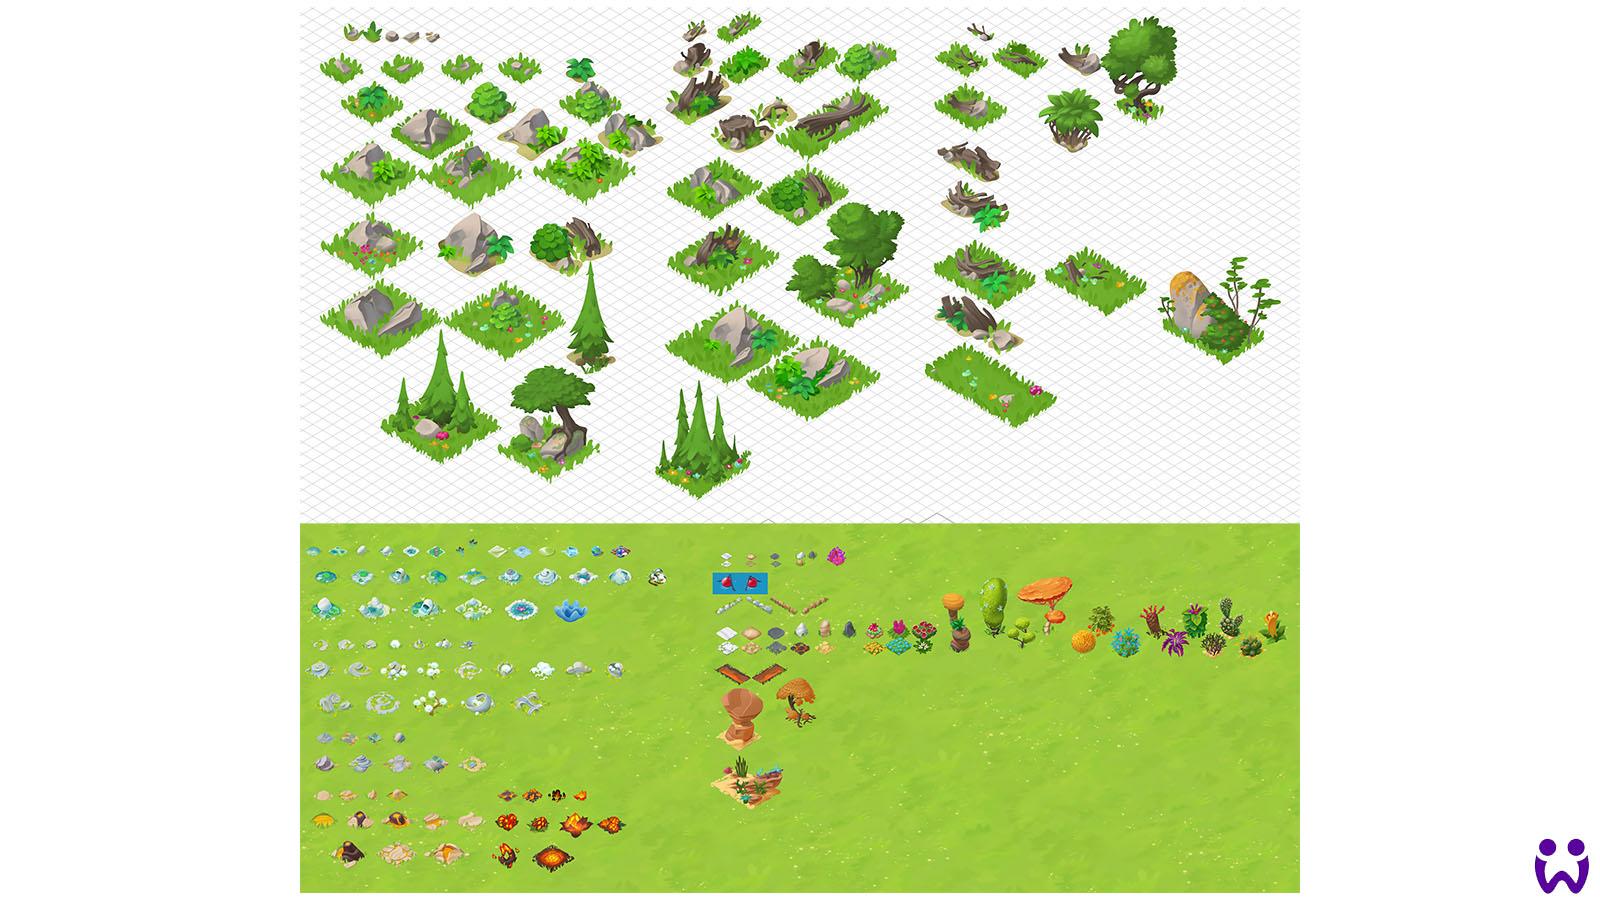 """16 von 25, Übersicht der von mir erstellten Schutt- und Dekorations-konzepte. Für das Mobilegame """"Wonderlings"""" von Wooga"""